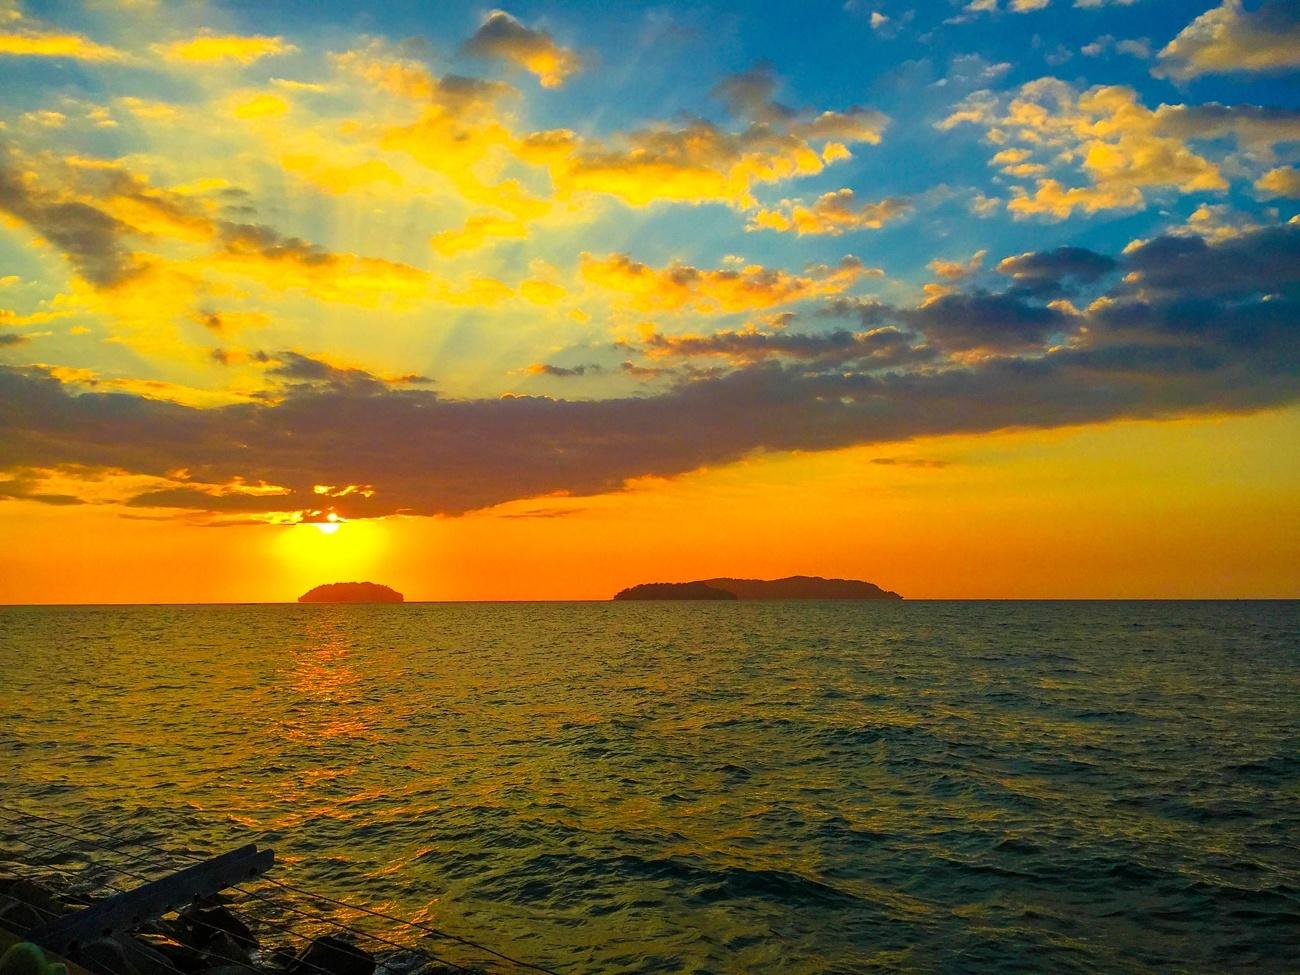 The sunset from Kota Kinabalu, Sabah, Malaysian Borneo